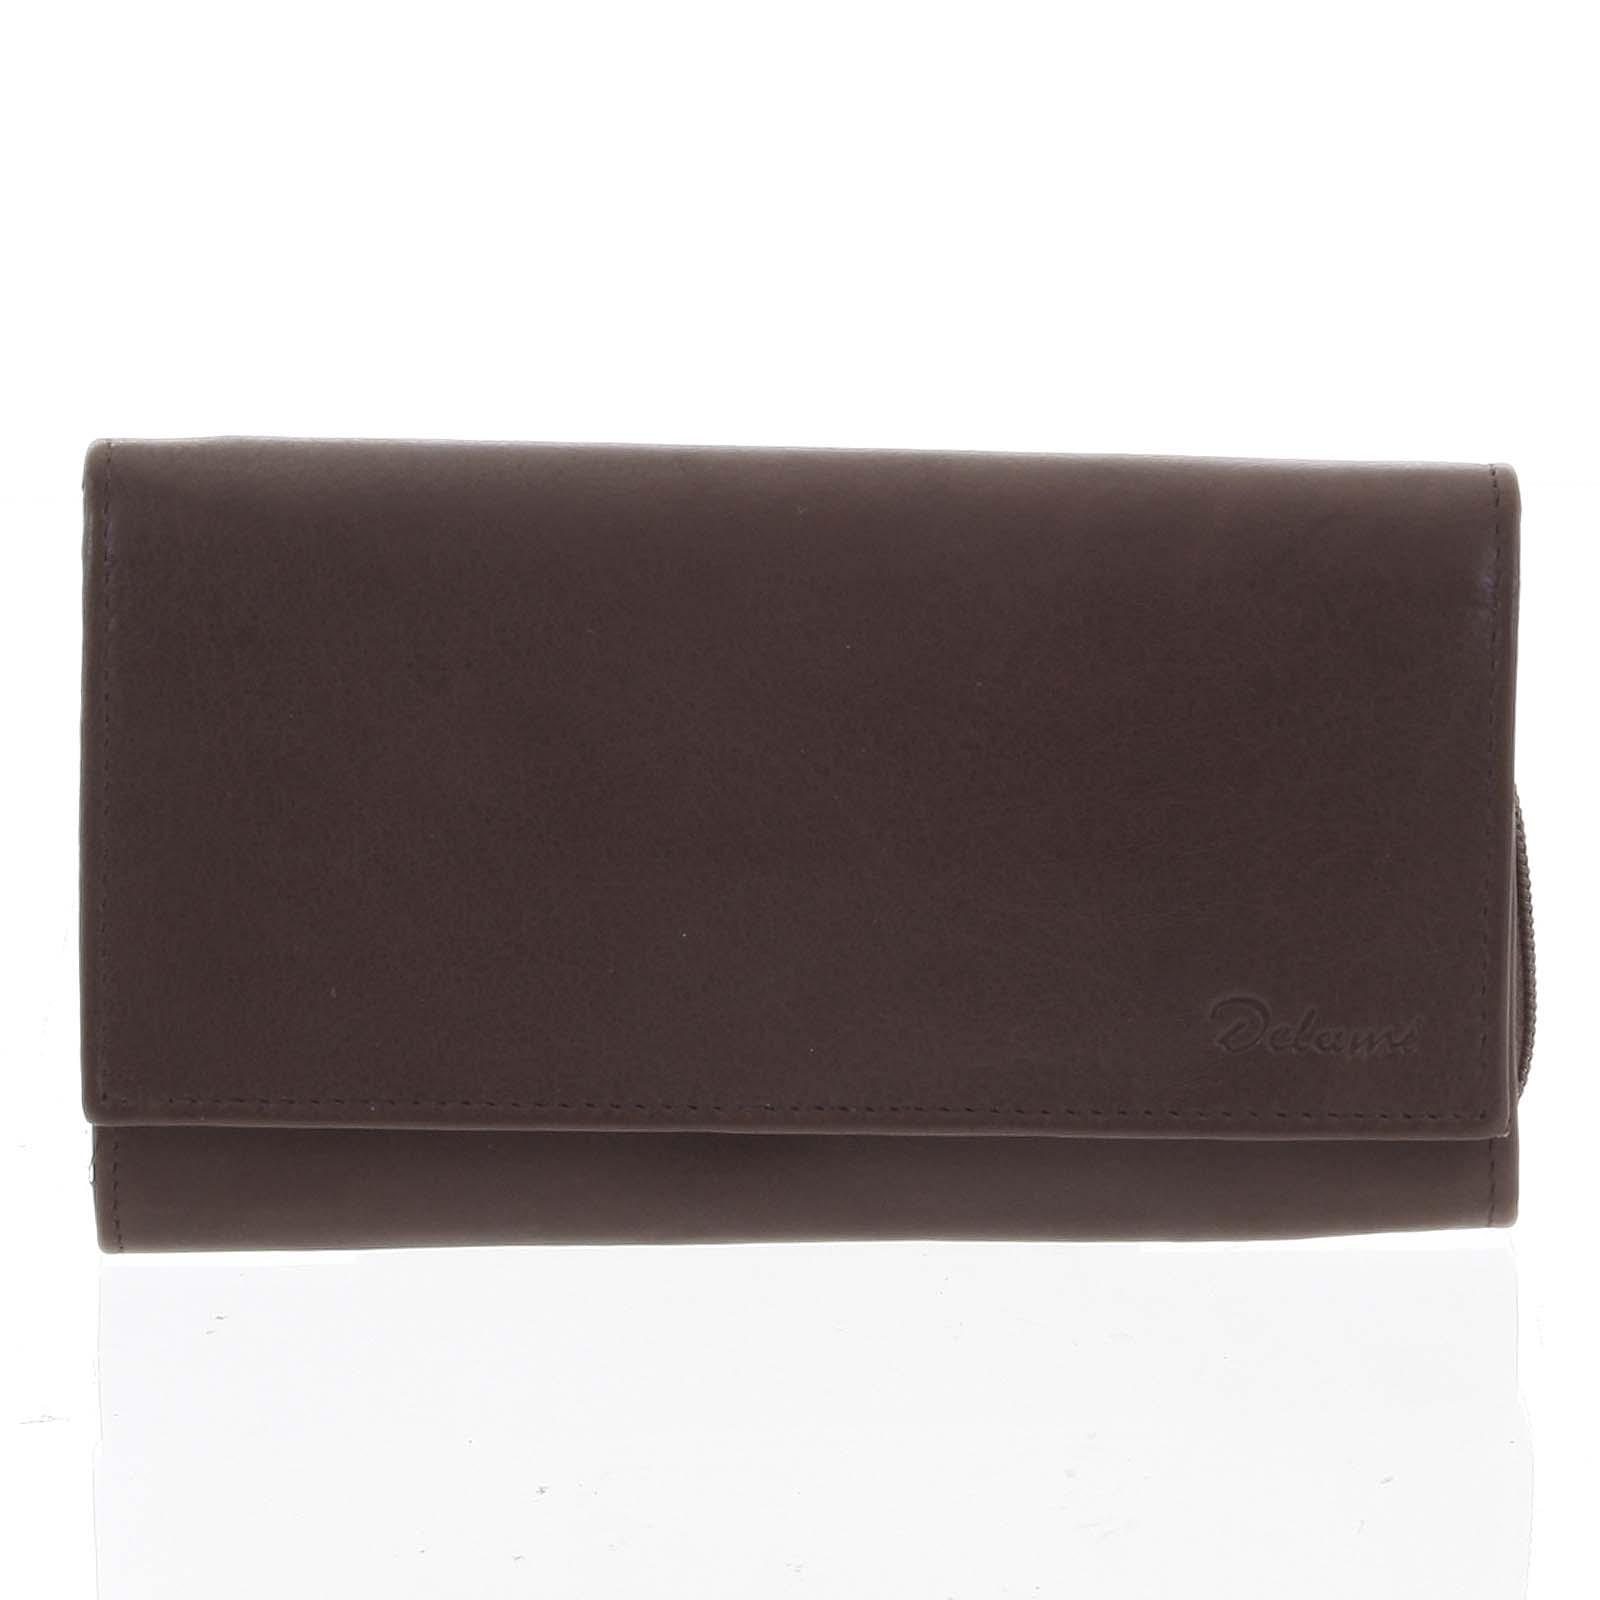 Stylová hnědá dámská peněženka - Delami Vippe